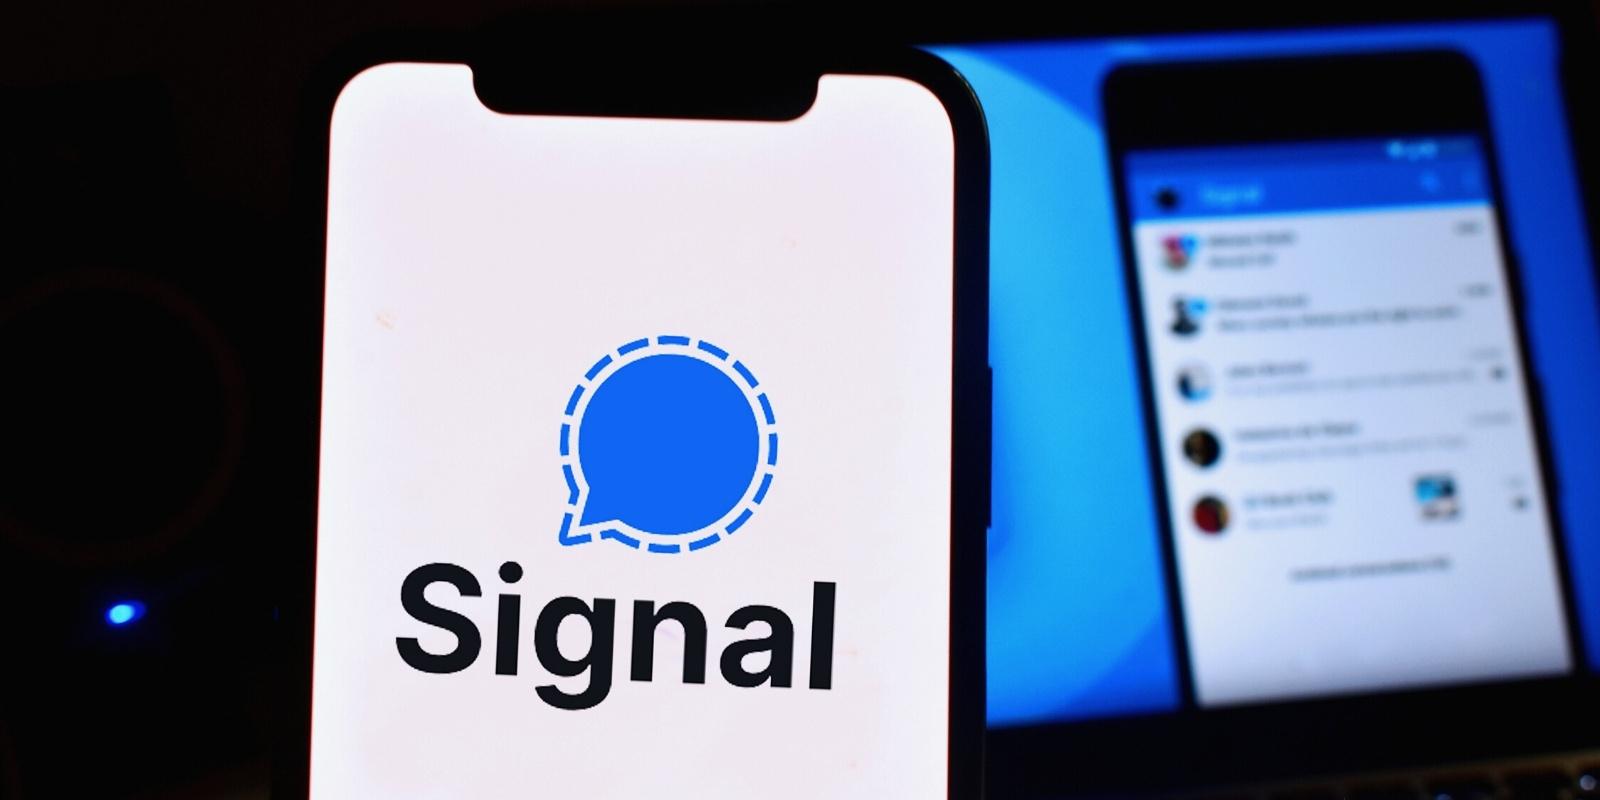 L'application Signal explore l'intégration d'une cryptomonnaie pour une solution de paiement